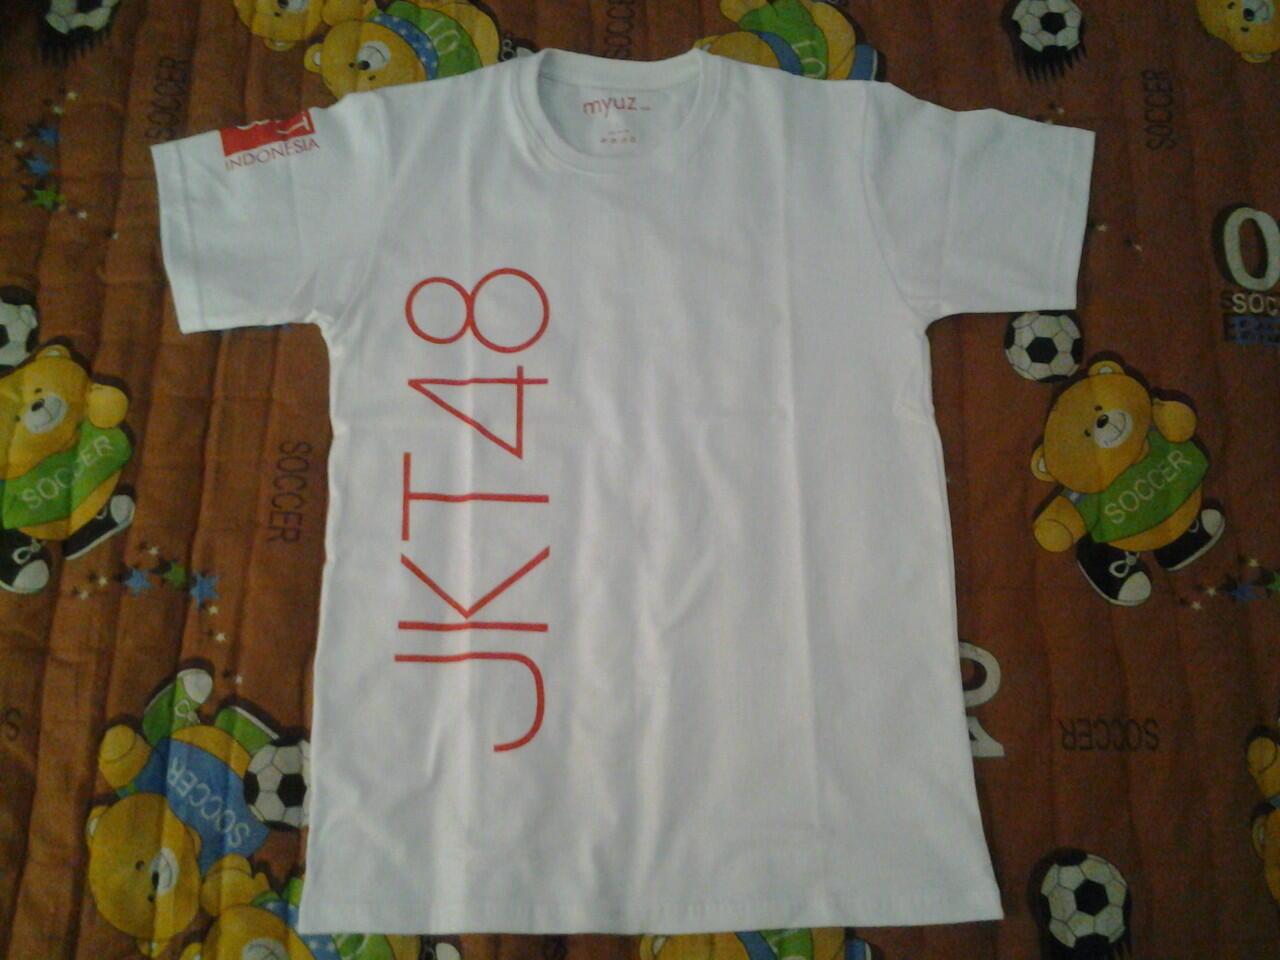 Desain t shirt jkt48 - Kaos T Shirt Jkt48 River Ready Stock